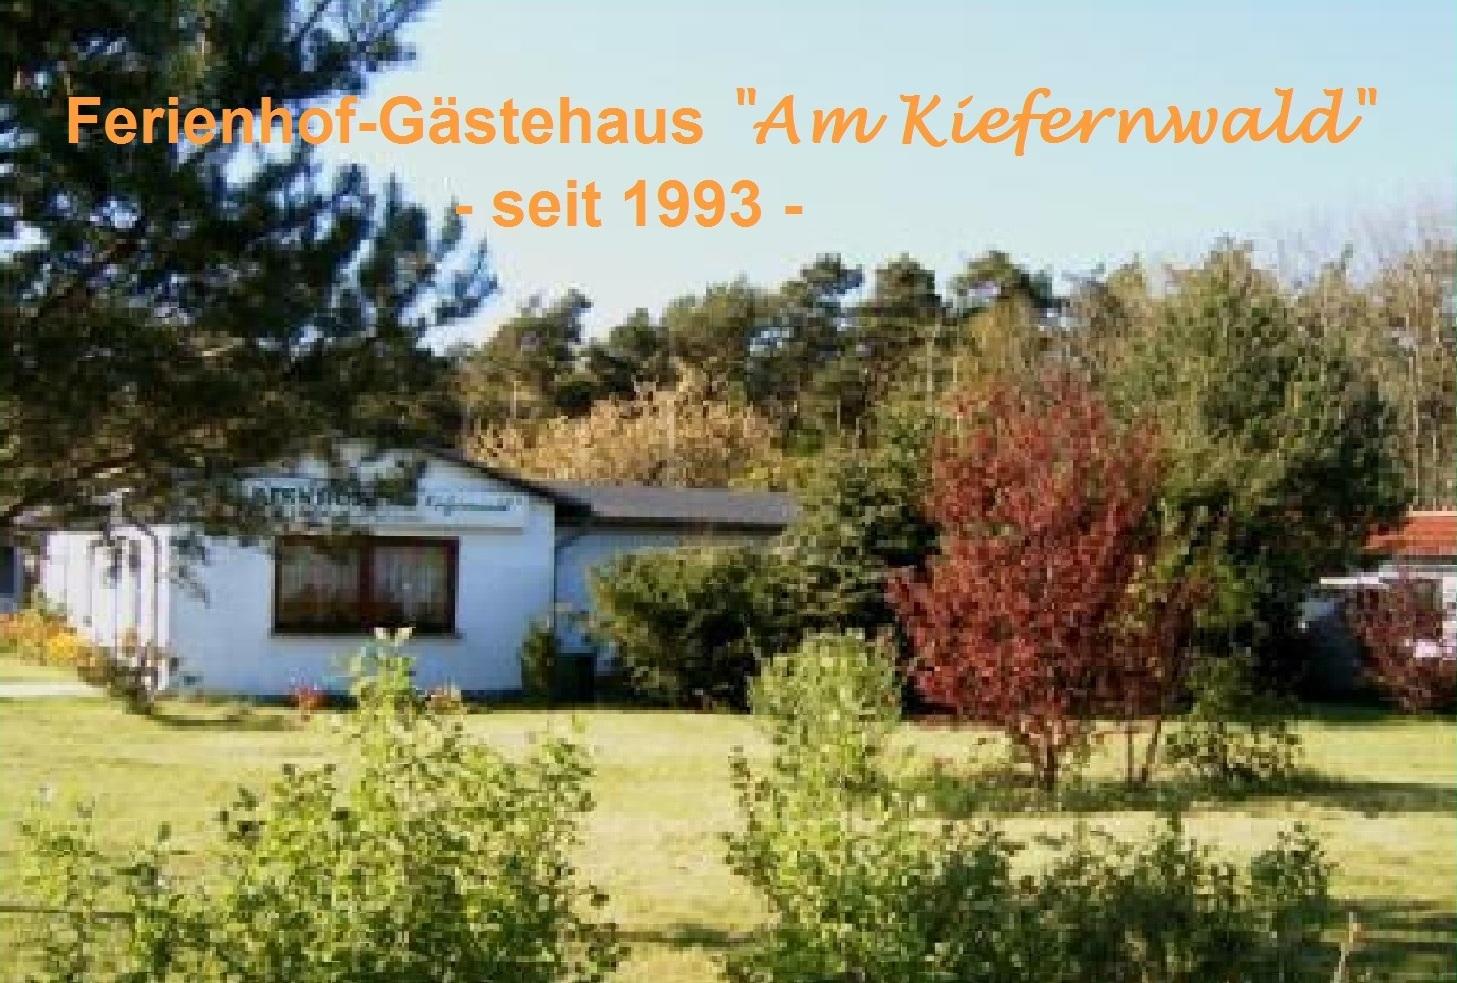 Zimmervermietung Ferienhof Am Kiefernwald seit 1993 - Inhaber: Eckart Kreitlow - Bei den Borger Tannen 6  D - 18311 Ribnitz-Damgarten Telefon + Fax: + 49  03821 4676 mobil:  0173 / 76 136 33  Email: eckartkreitlow@t-online.de